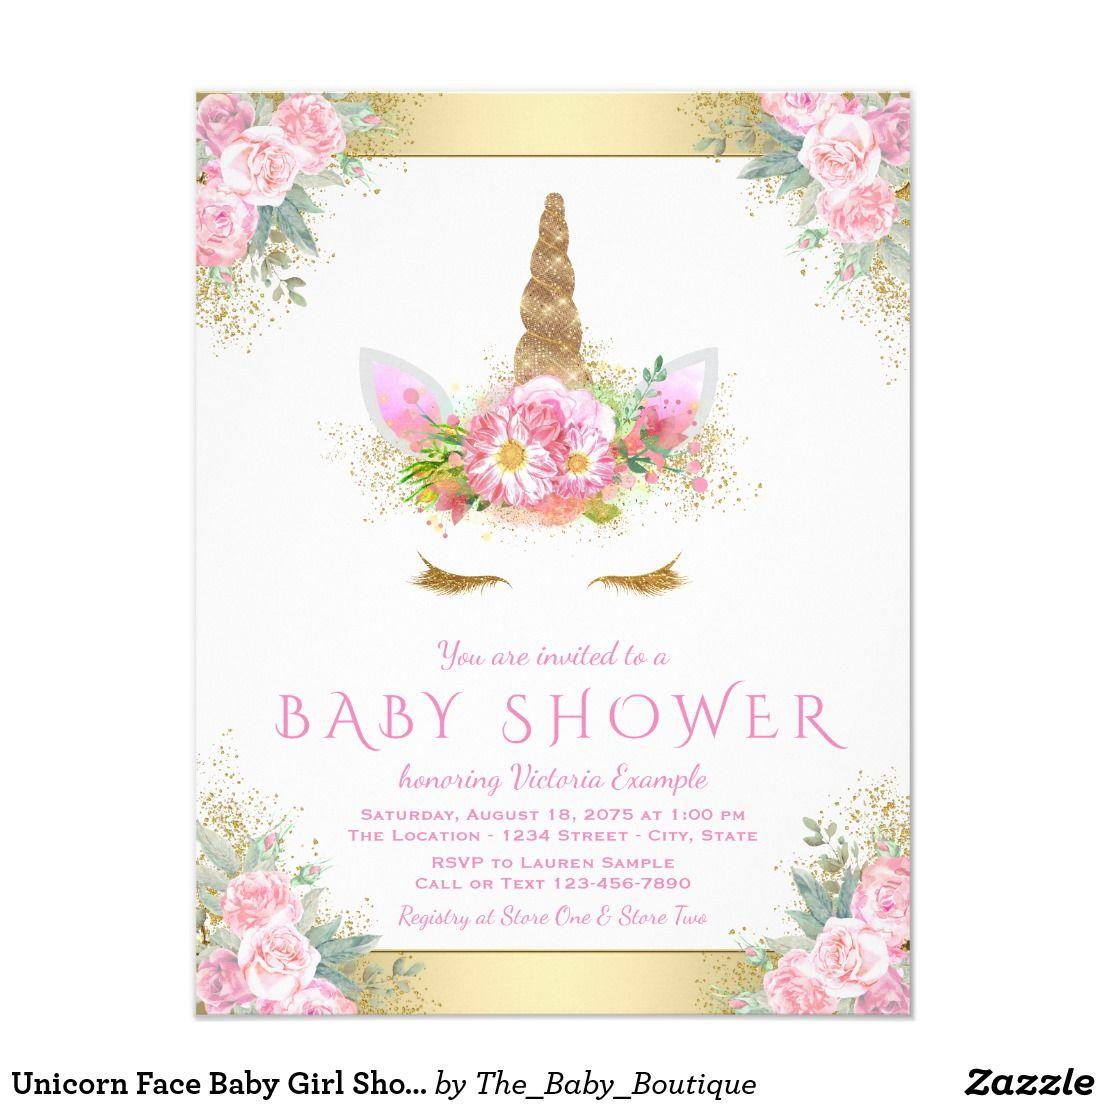 Unicorn Face Baby Shower Invitations Zazzle Com